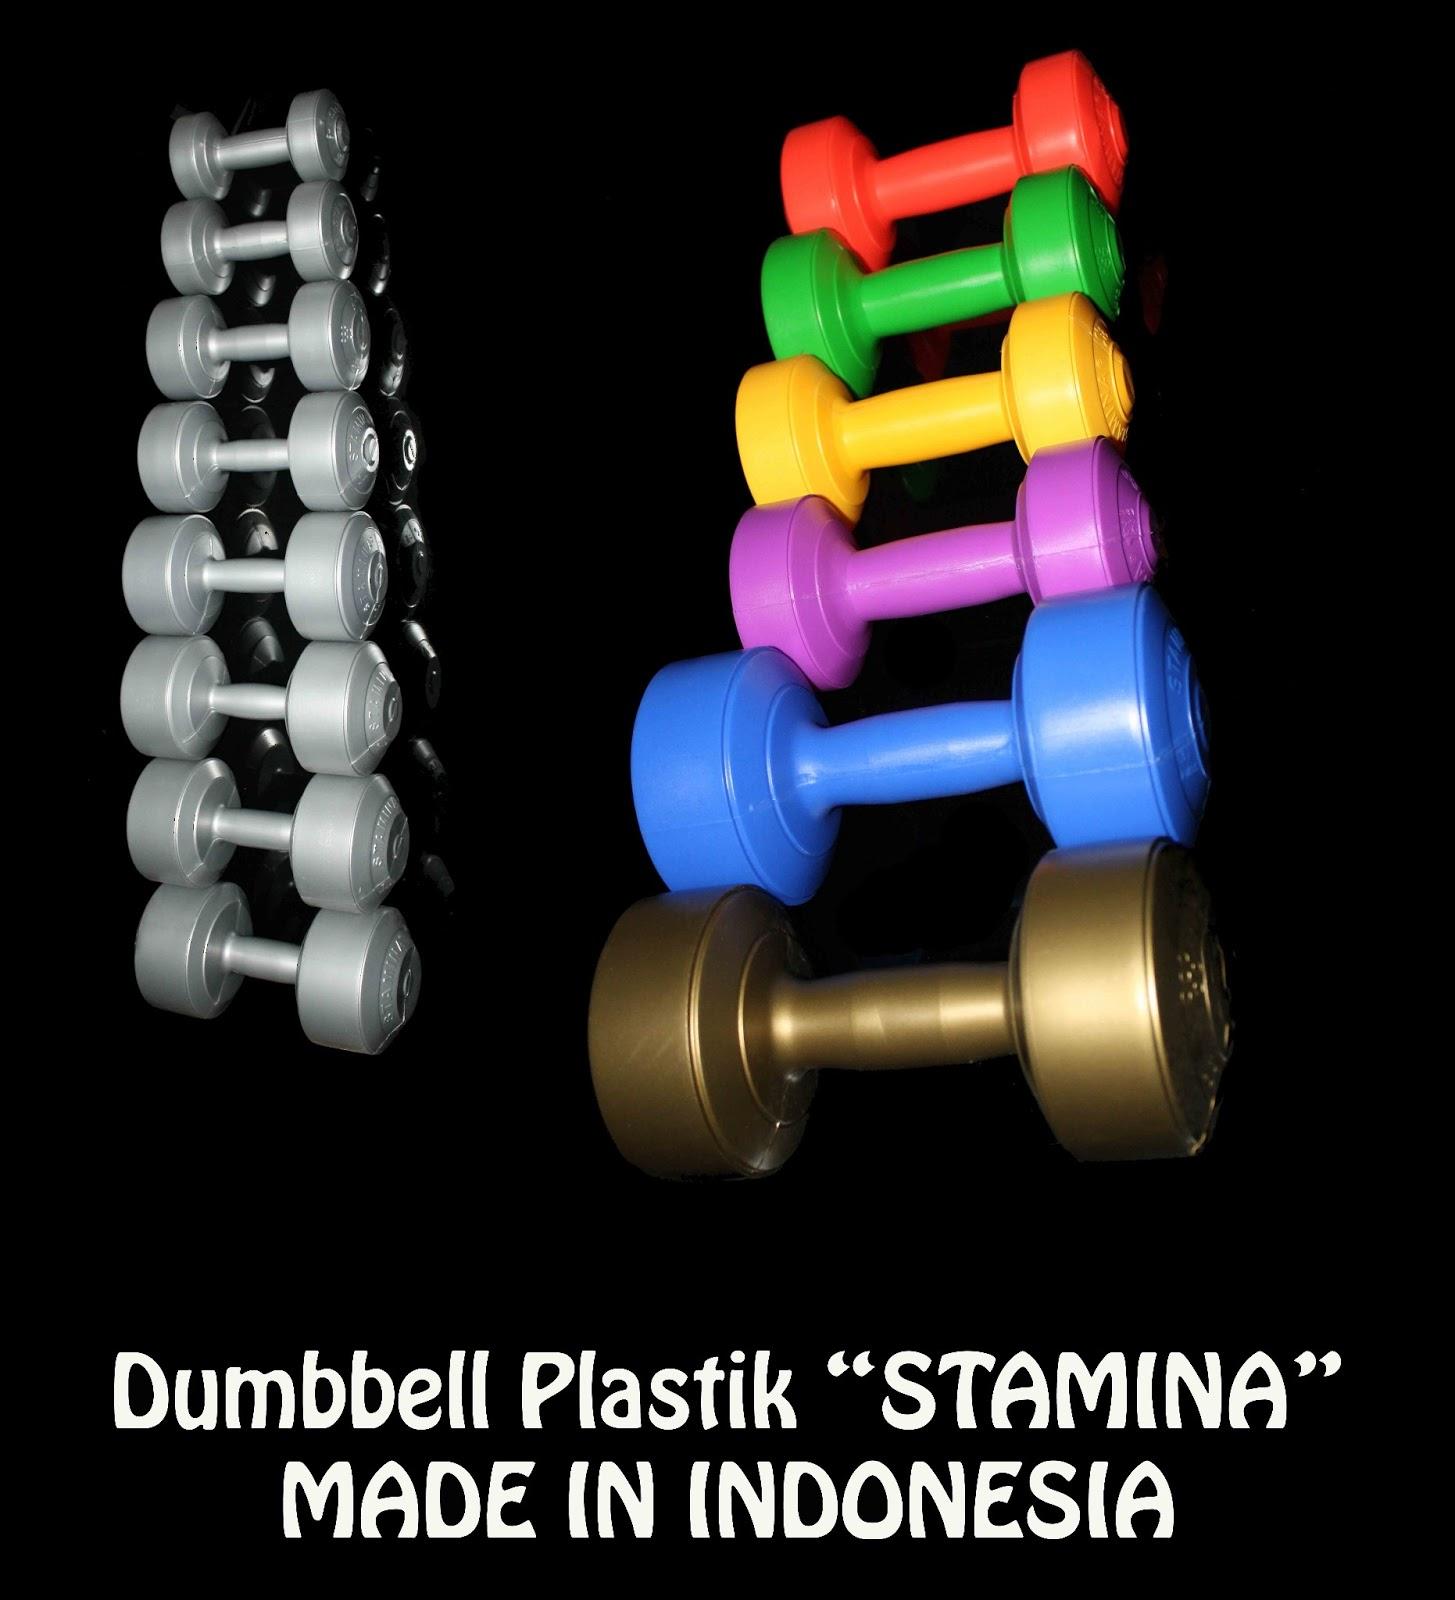 Dumbbell Plastik Stamina Murah Berkualitas Sporting Equipment Baarbeel 5kg